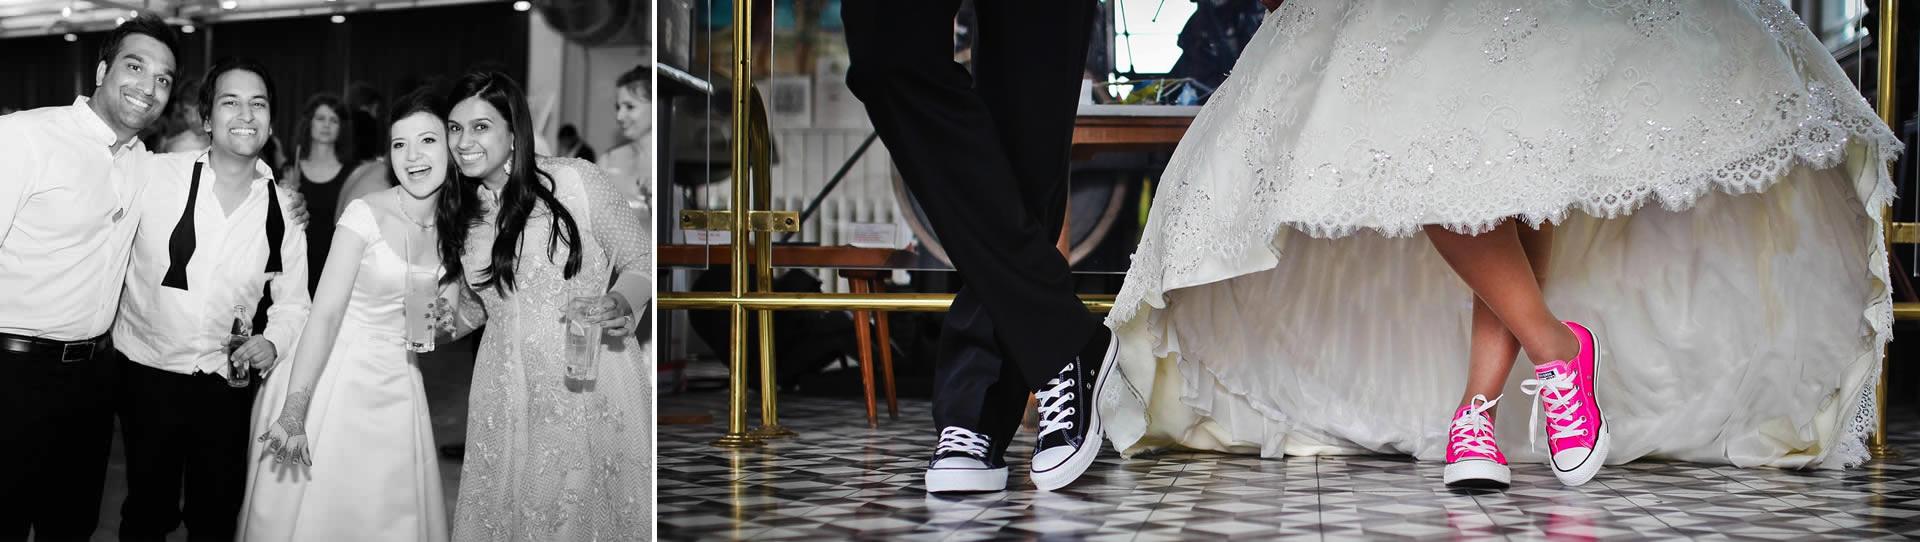 Hochzeit DJ -und Musikerservice in Berlin